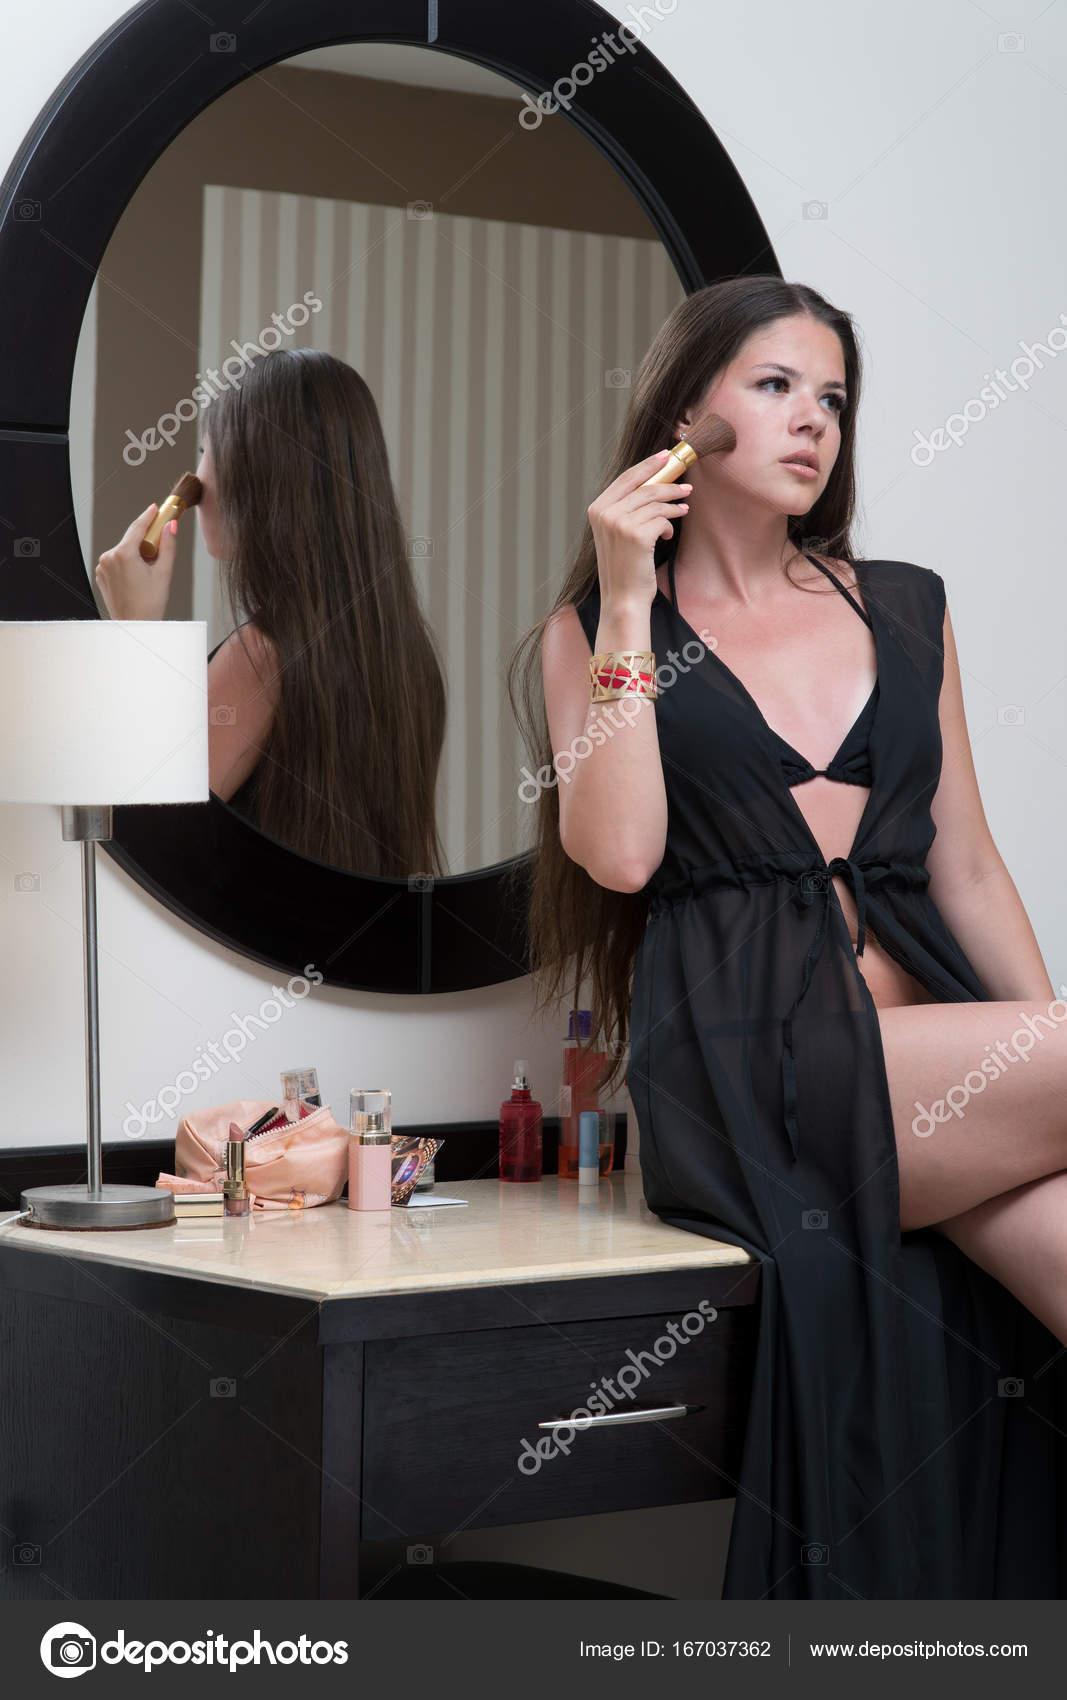 devushka-v-kupalnike-fotografiruet-sebya-pered-zerkalom-blondinka-nebolshie-russkie-devushki-skritoy-semki